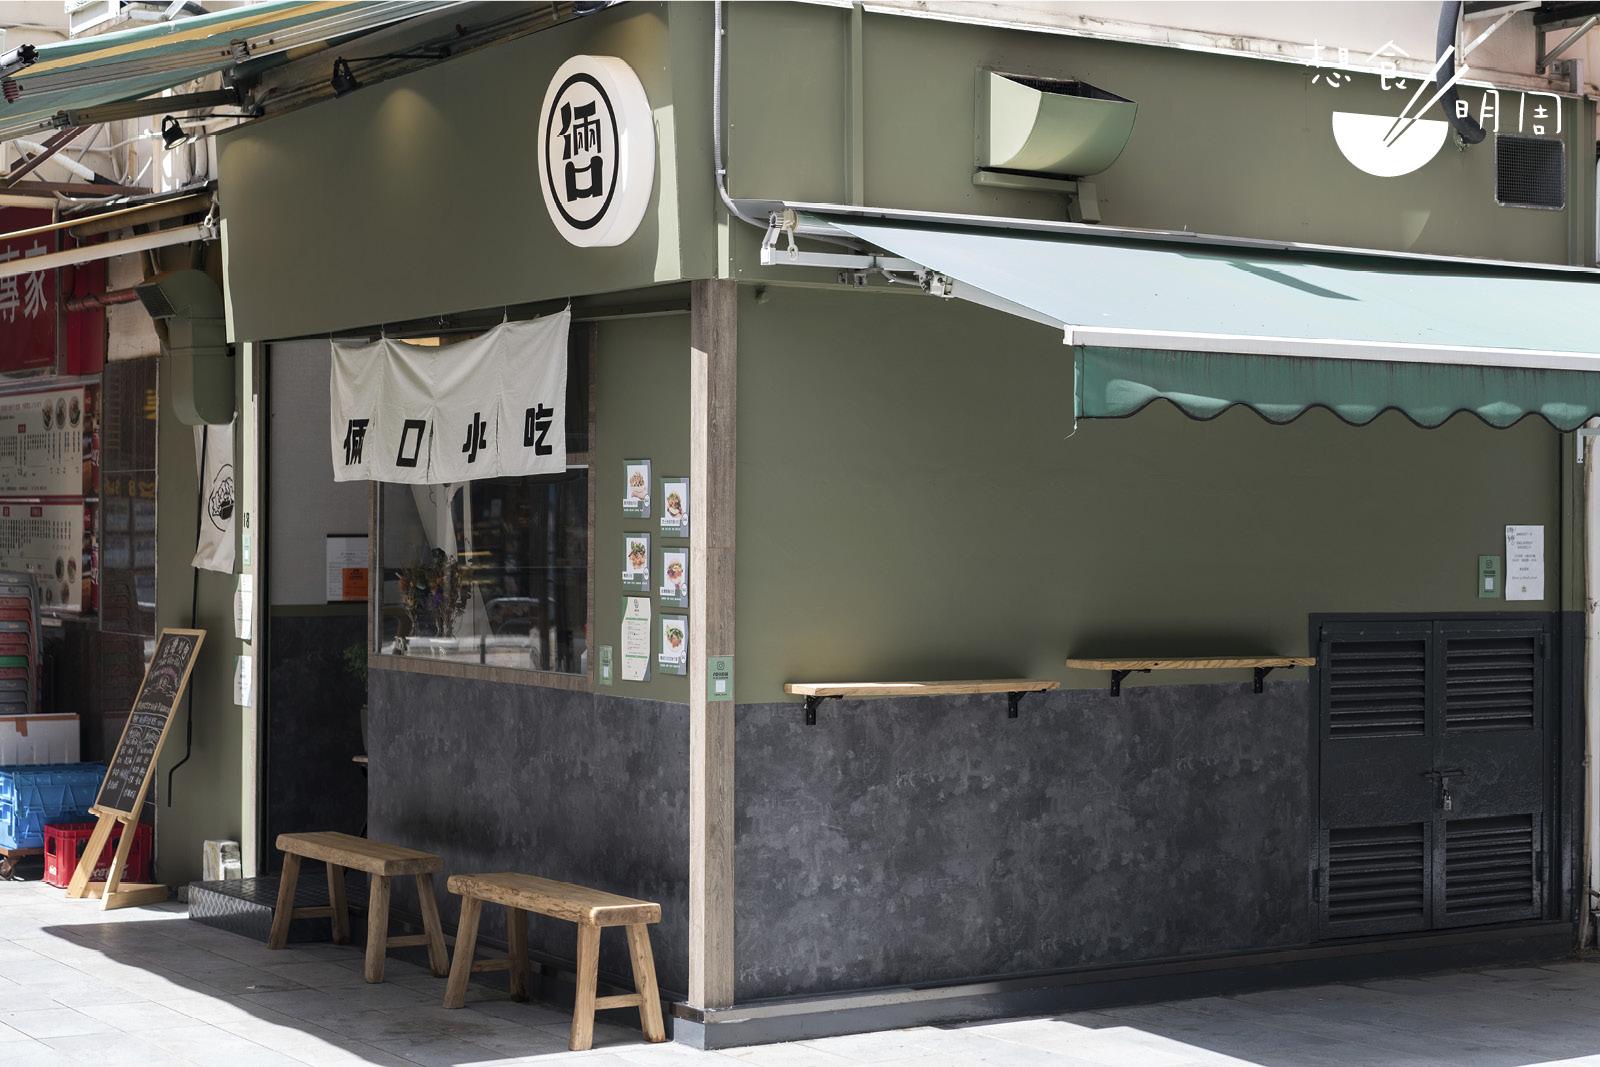 文青調子的刈包外賣小店,你覺得有點像台北的街頭巷弄嗎?